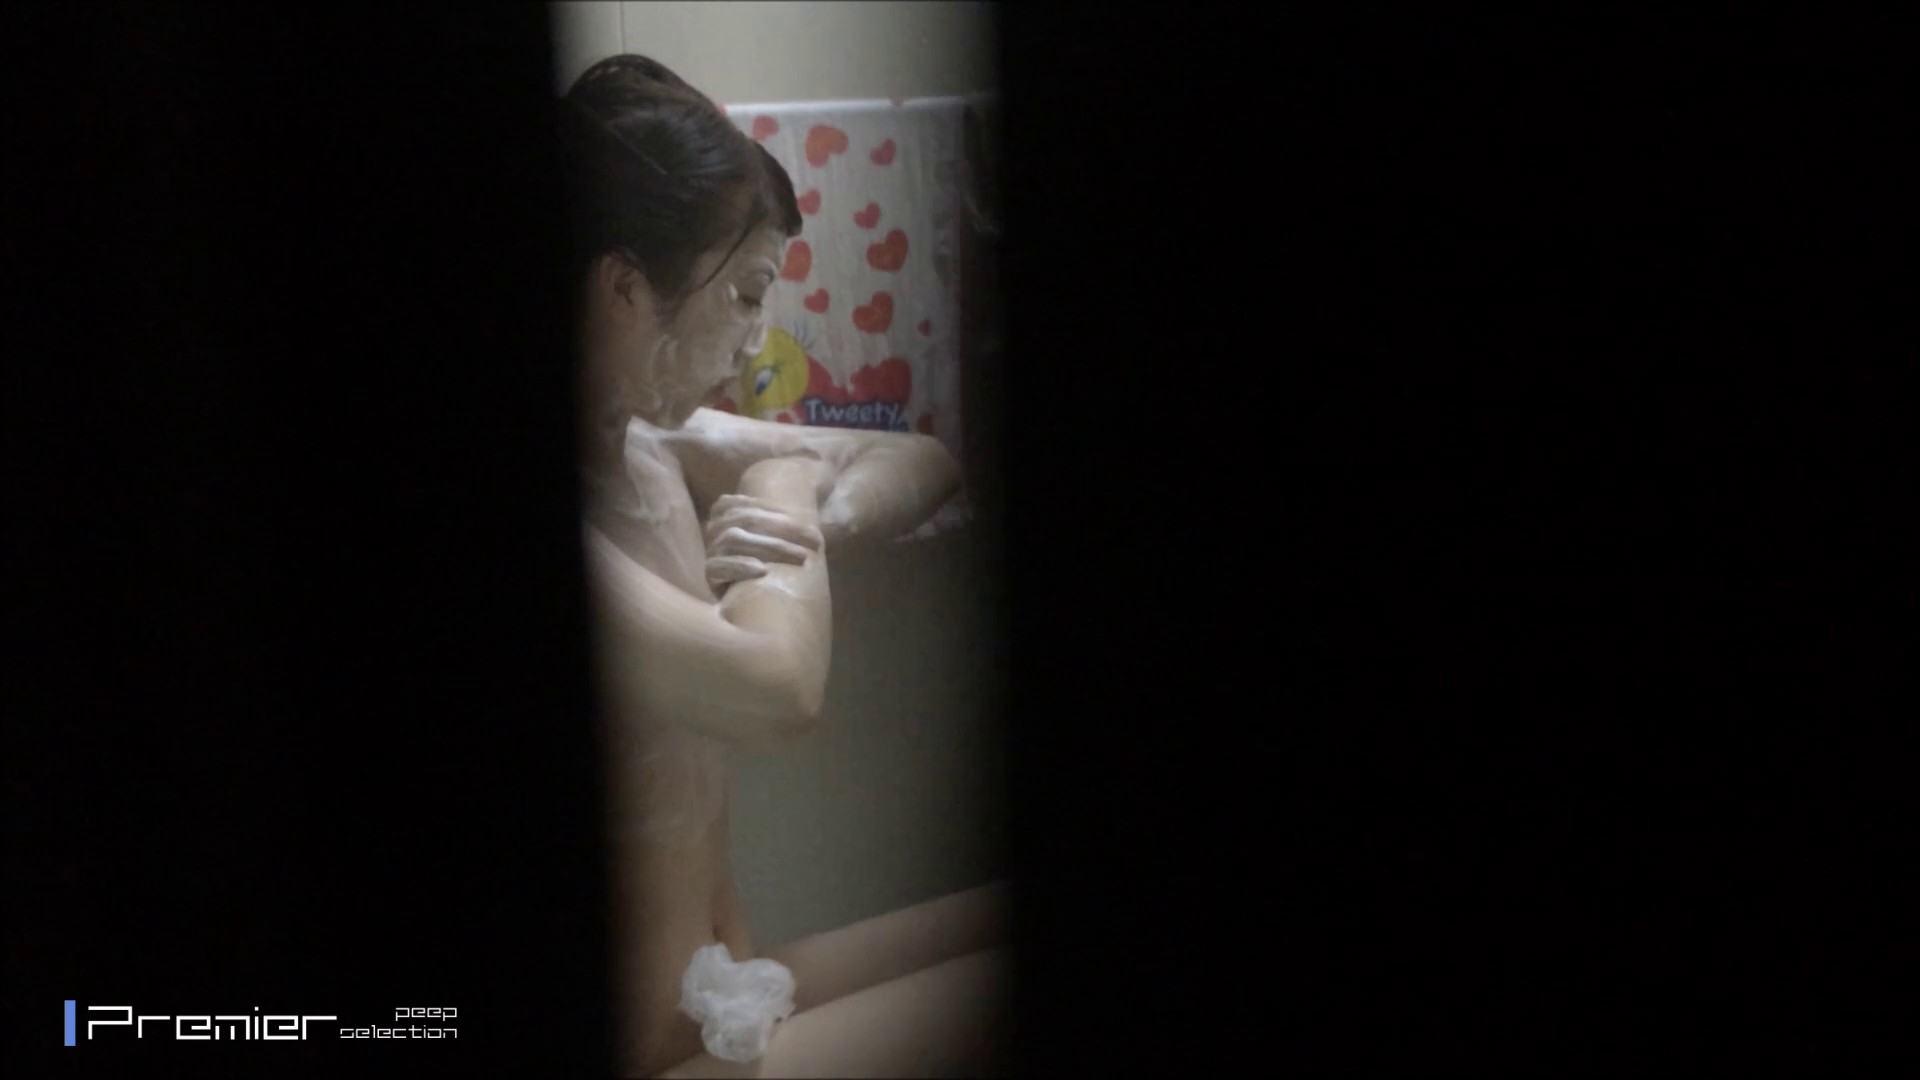 笑顔のスポーツ美女 乙女の風呂場 Vol.23 高画質動画 ワレメ無修正動画無料 83画像 71